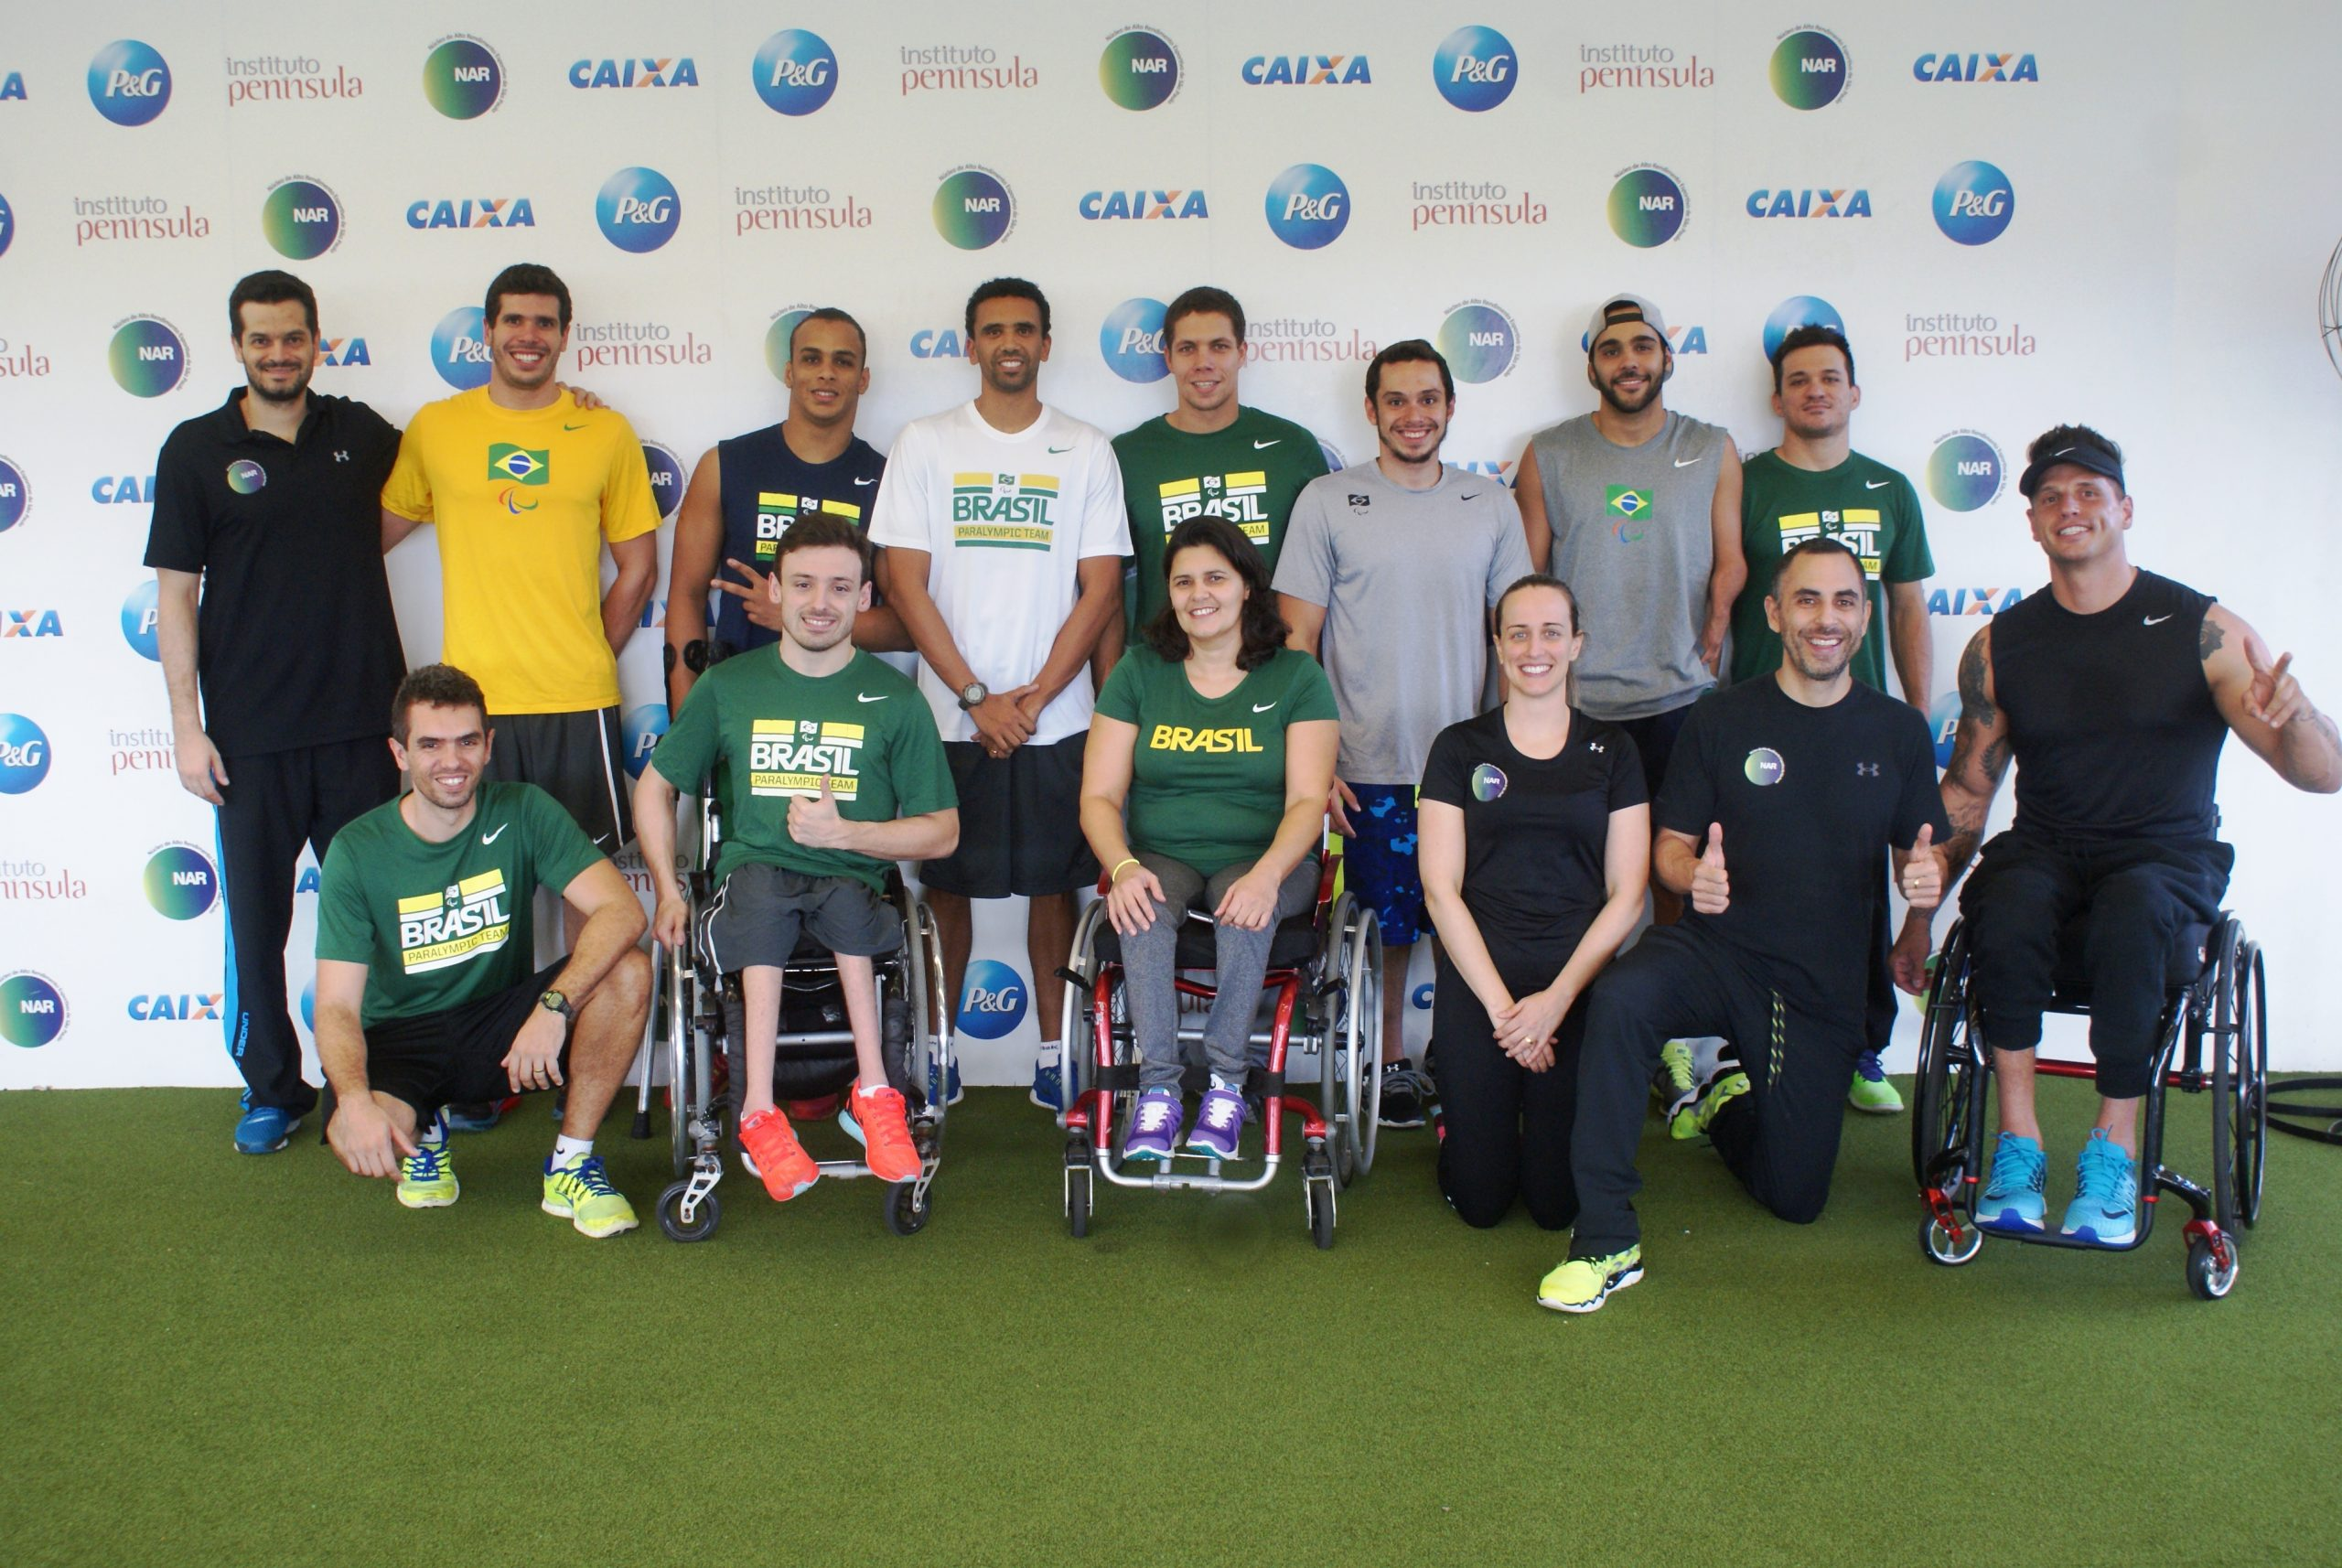 Seleção de natação paralímpica continua preparação rumo às Paralimpíadas no NAR